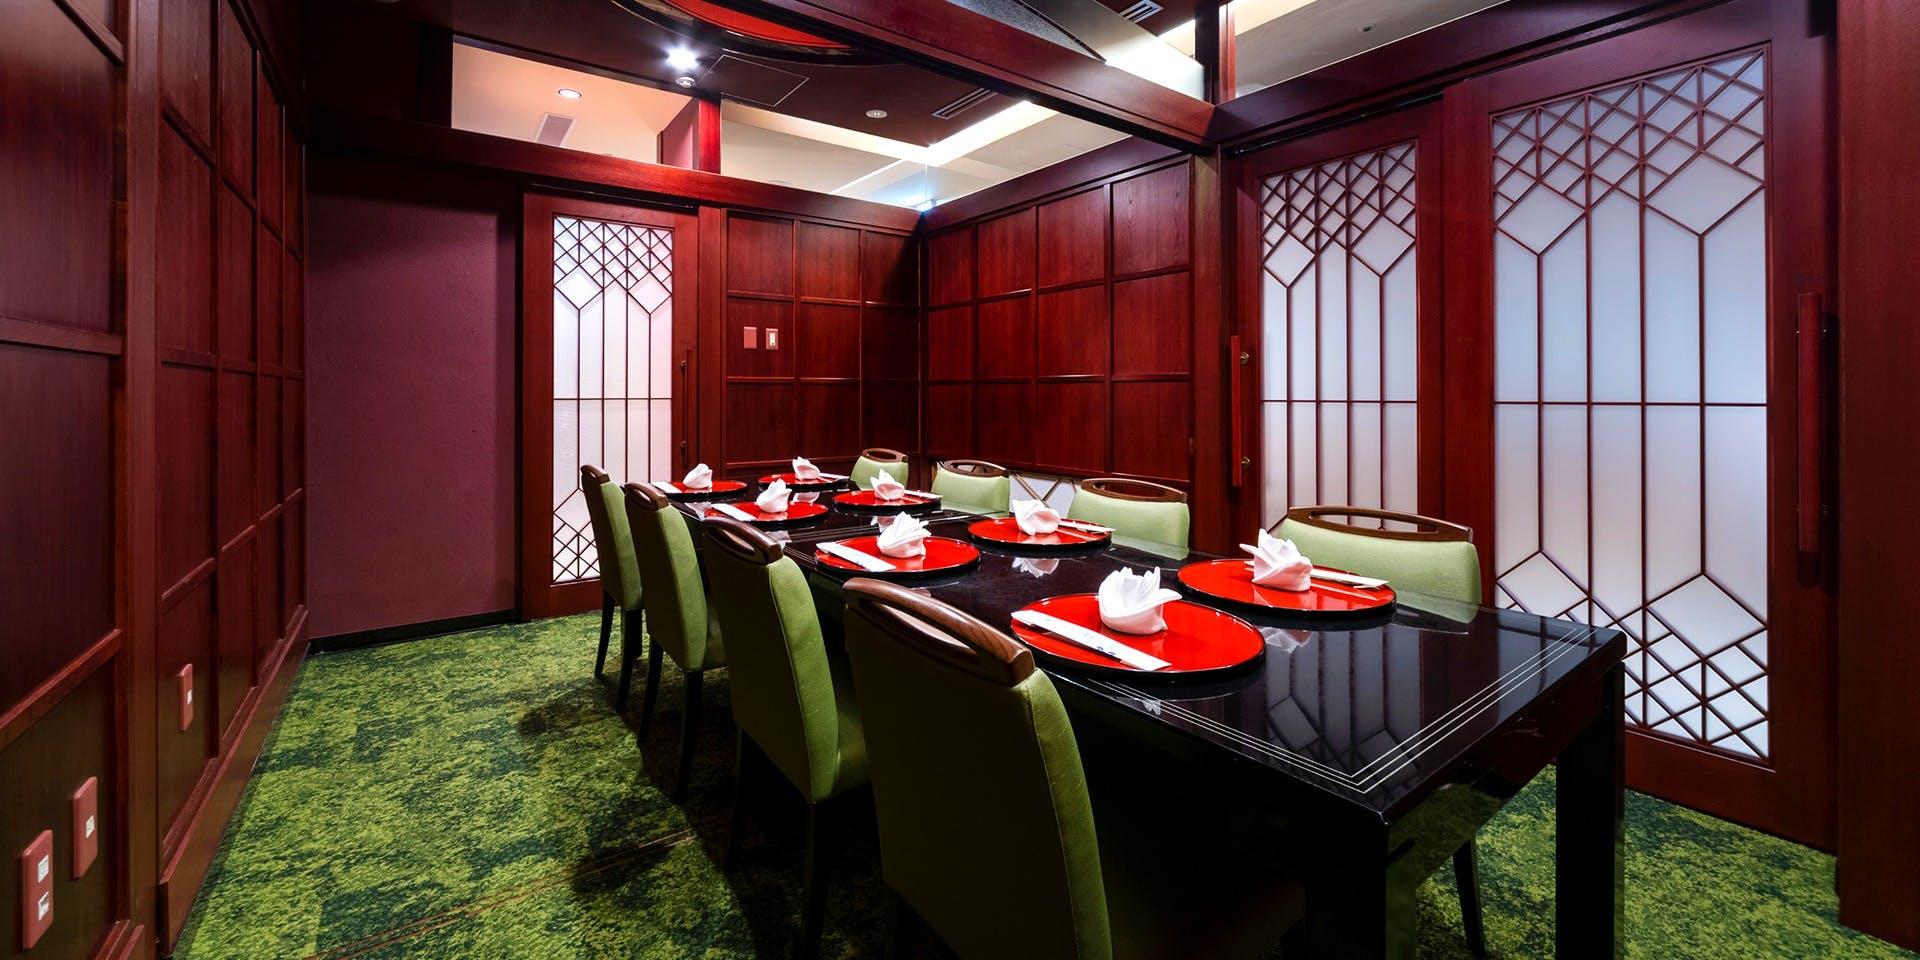 記念日におすすめのレストラン・加賀屋 銀座店の写真1